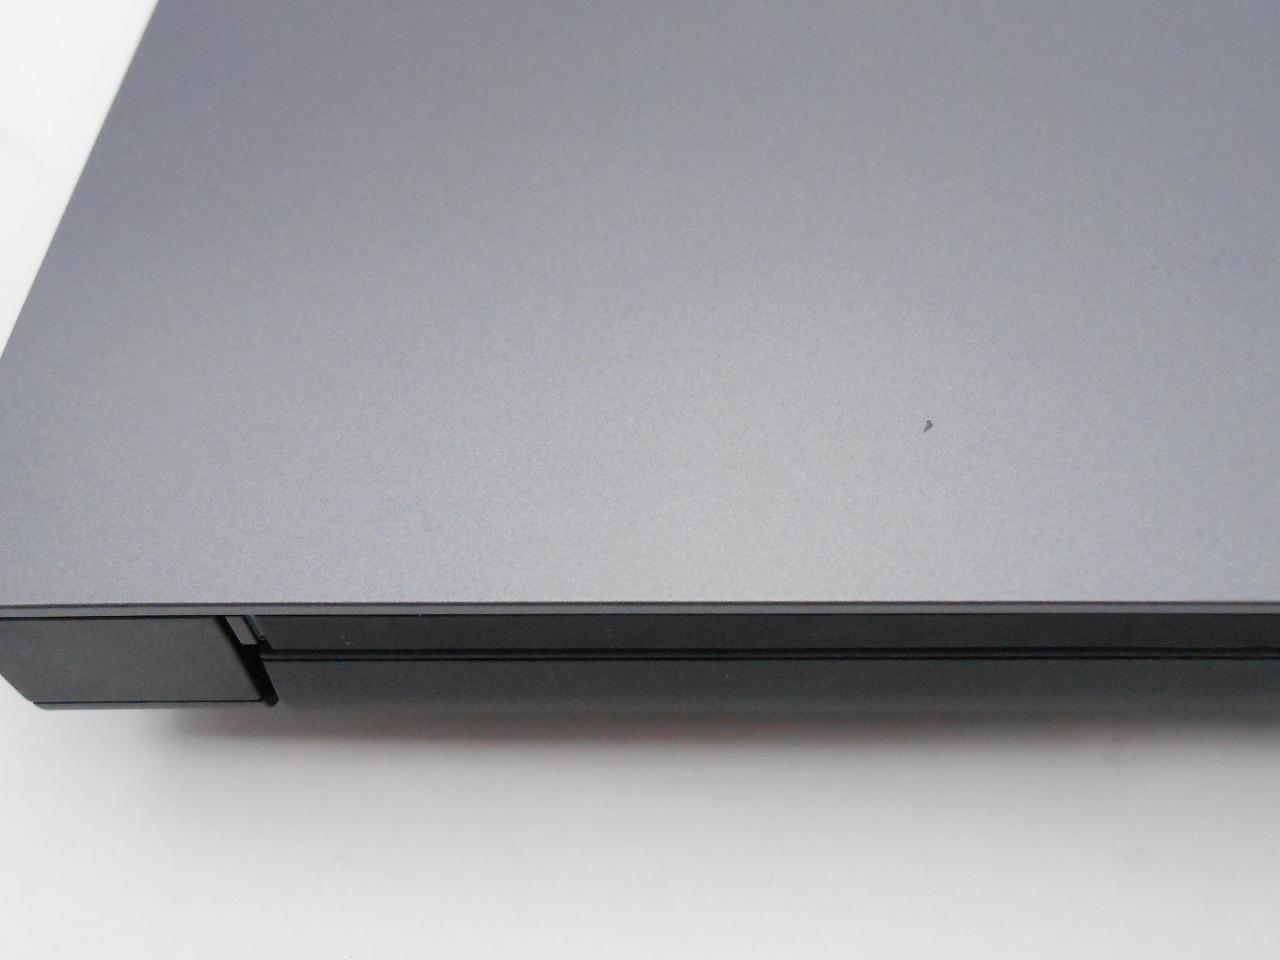 【中古】 NEC Lavie NX750/J/2017年モデル/Corei7 8550U 1.8GHz/メモリ8GB/SATA1000GB/15インチ/Windows10Home【3ヶ月保証】【足立店発送】